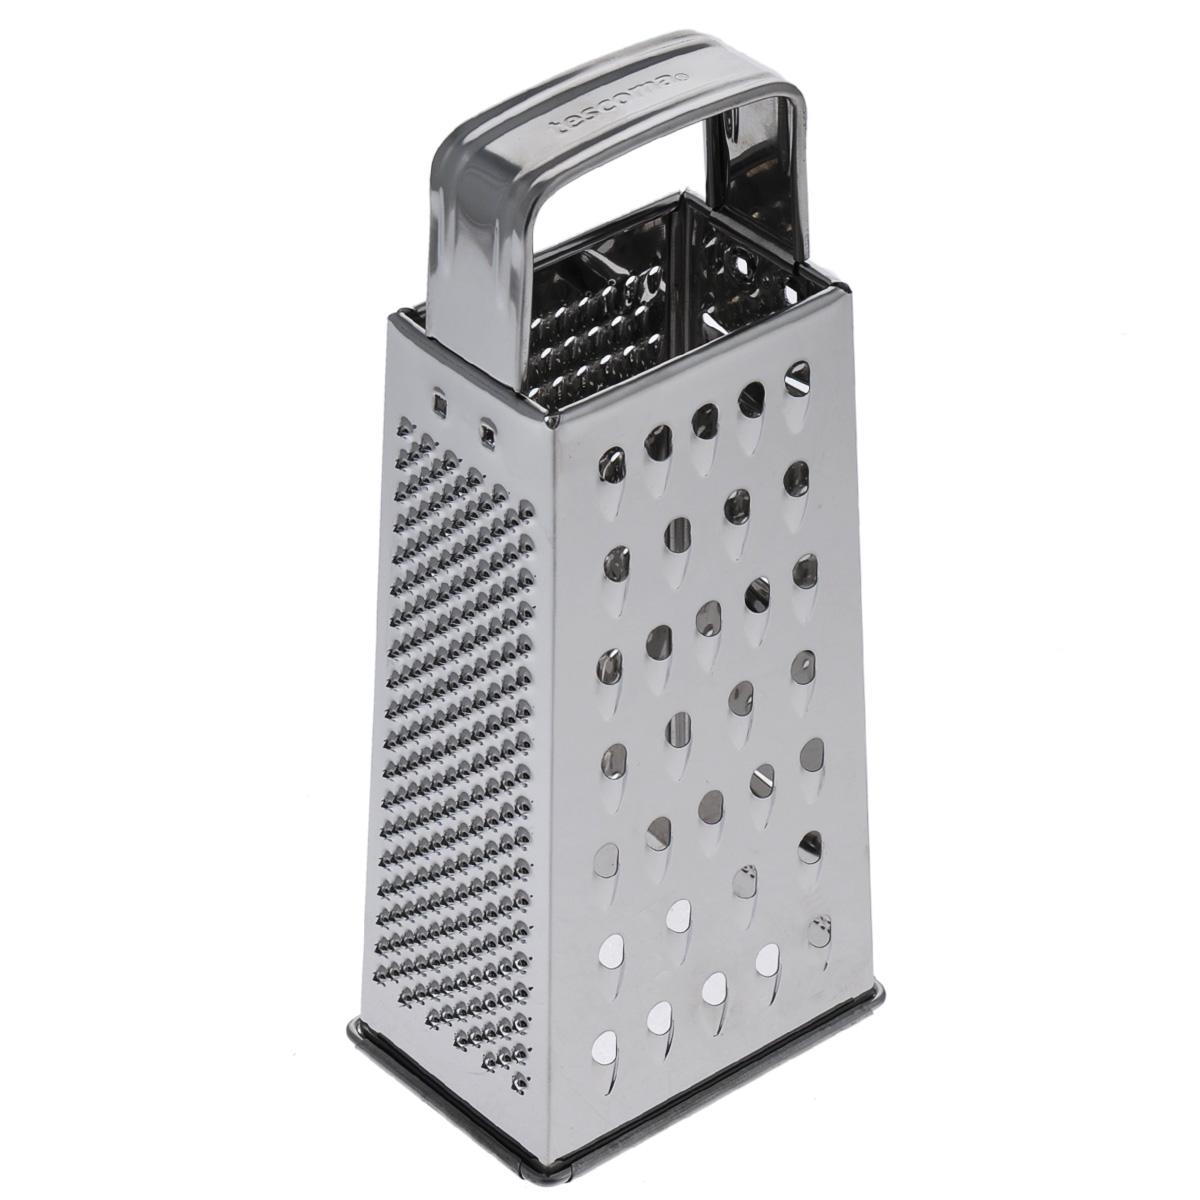 Терка четырехгранная Tescoma Handy643740Четырехгранная терка Tescoma Handy, выполненная из высококачественной нержавеющей стали с зеркальной полировкой, станет незаменимым атрибутом приготовления пищи. Сверху на терке находится удобная ручка. На одном изделие представлены четыре вида терок - крупная, мелкая, фигурная и нарезка ломтиками. Современный стильный дизайн позволит терке занять достойное место на вашей кухне.Можно мыть в посудомоечной машине.